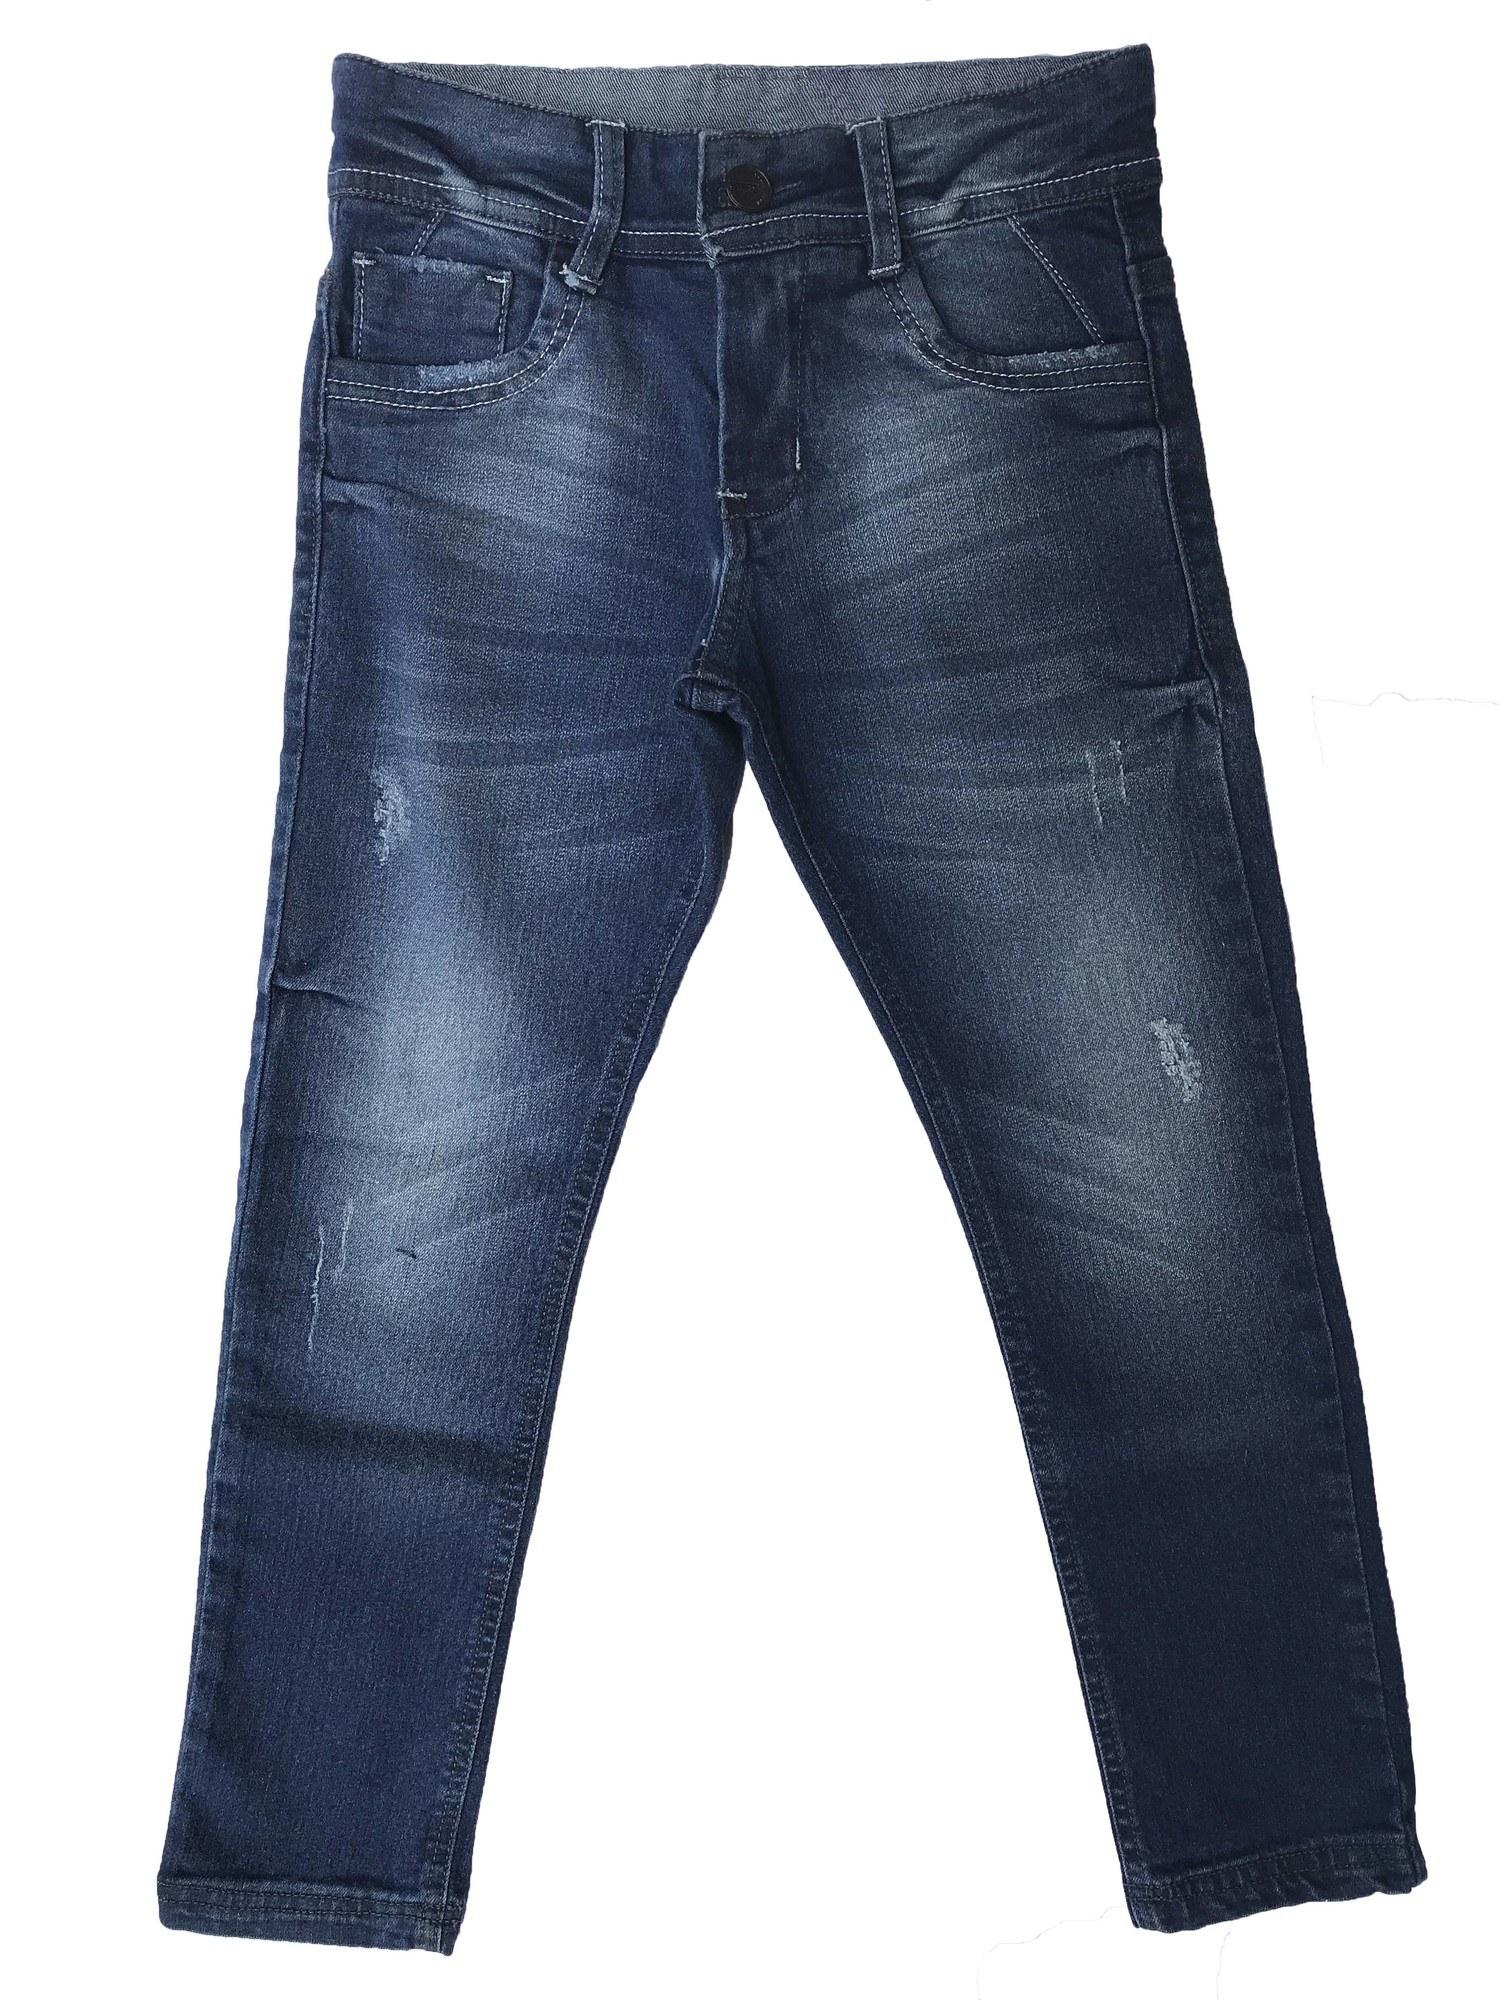 Calça Jeans Masculina Infantil [TV005-1]